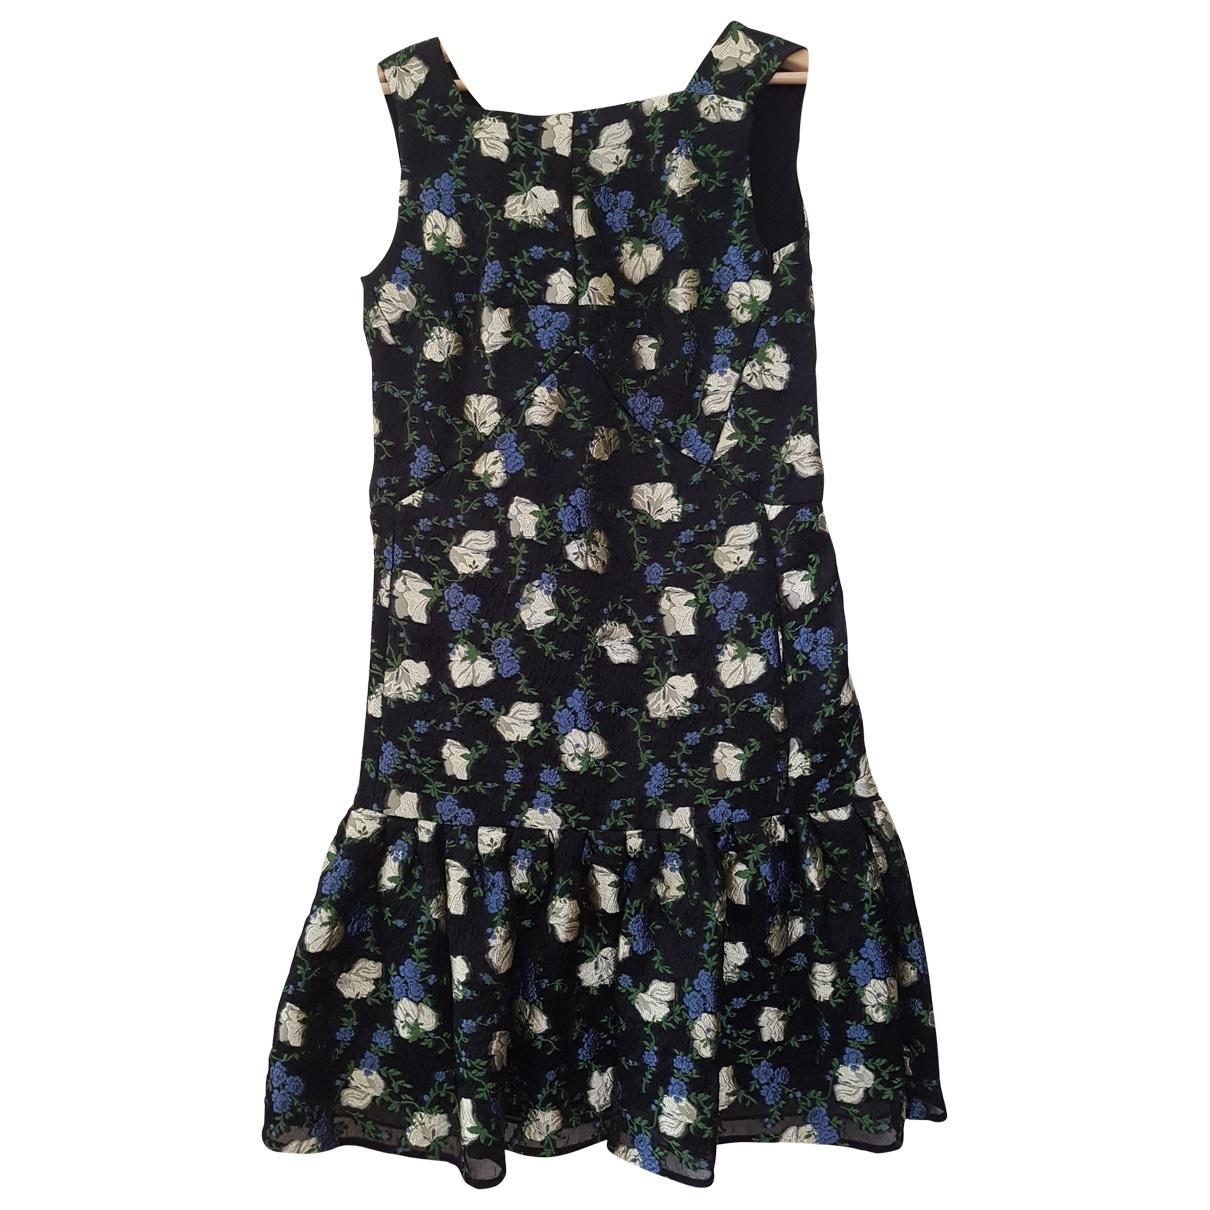 Erdem \N Black dress for Women 36 FR